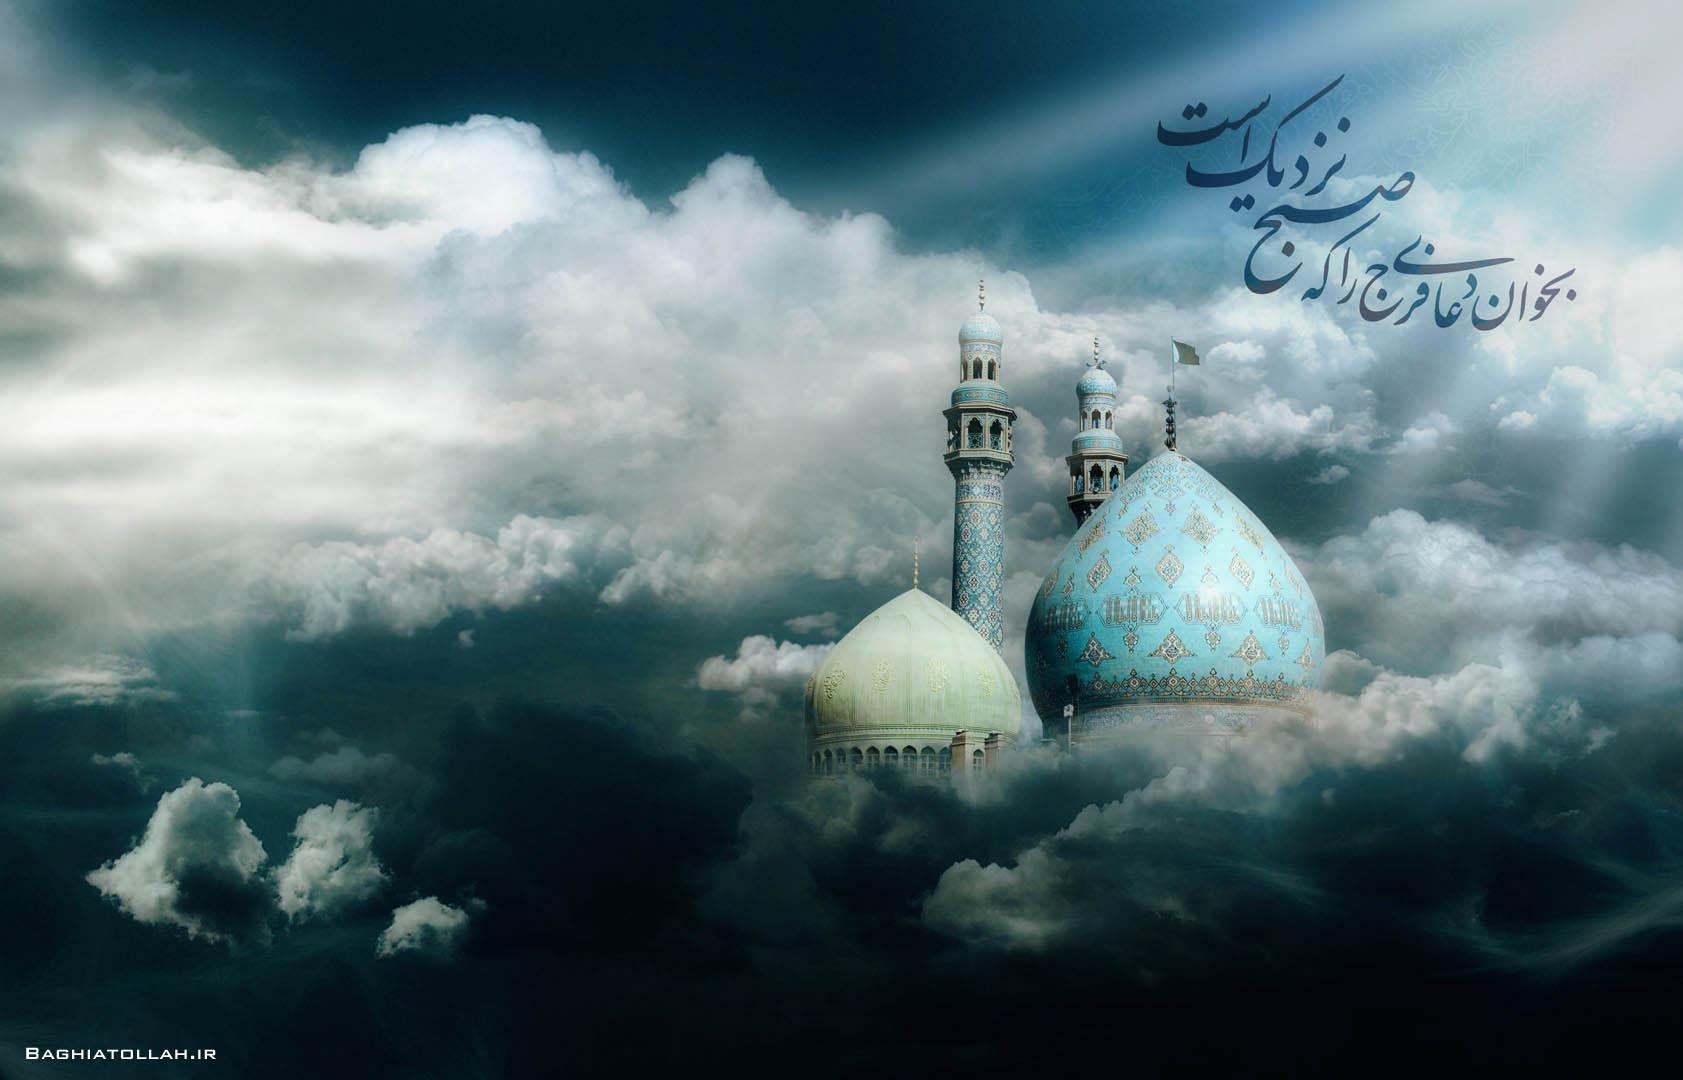 http://www.uplooder.net/img/image/27/a3bde3b96f406176dd7b041a9e01cfc3/Imam-zaman_1_.jpg